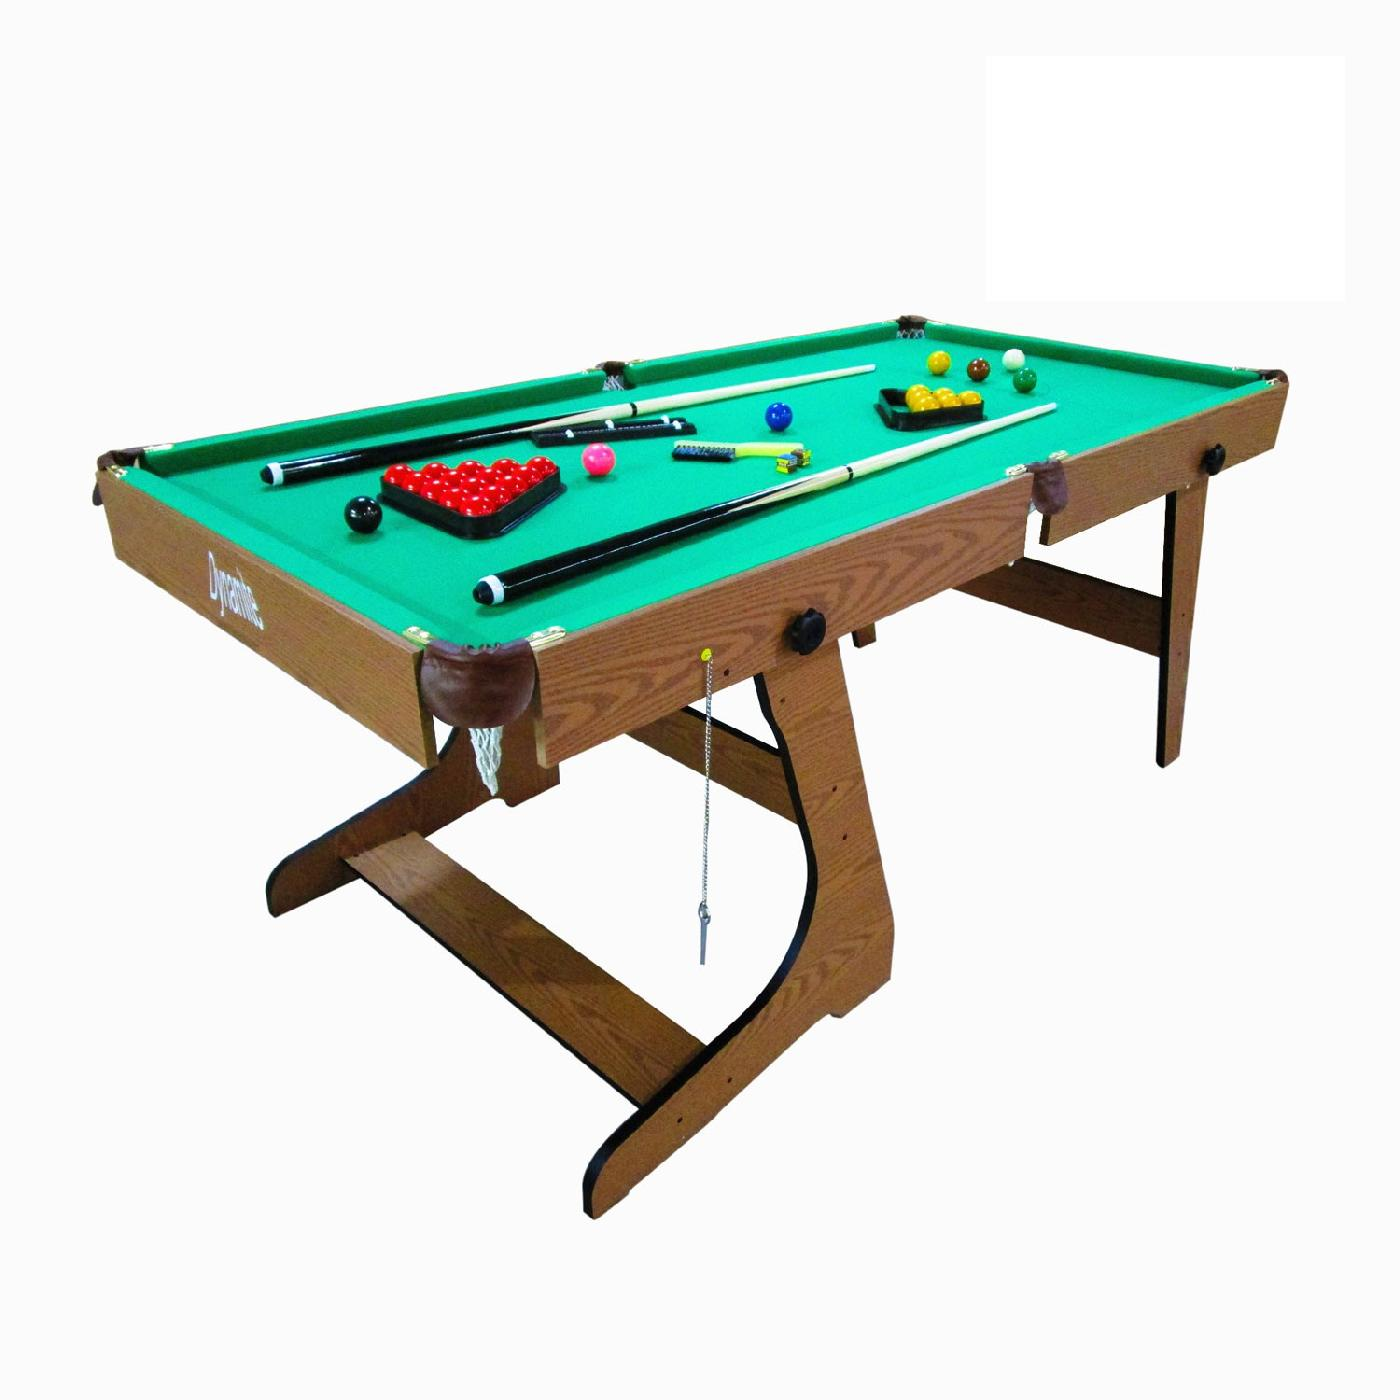 Бильярдный стол Dfc1485414854Настольные игры являются отличным развлечением дома или на даче. Игровой стол будет не только отличной покупкой для себя, но и прекрасным подарком. Складной домашний стол для игры в пул. Размер стола 6 футов. Корпус выполнен из специально обработанного МДФ, сверху покрытого ПВХ-пленкой. Игровое поле выполнено из бархата, углы из пластика с кожей. В комплекте все необходимые акссесуары: 2 кия, набор шаров, треугольник, щетка, 2 мела. Размер стола183,3 х 92 х 78,7 см Размер игрового поля6 футов / 174 х 88 см Диаметр шара44,45 мм Длина кия122 см Размер упаковки190 х 98 х 14 см Вес40 / 46 кг БрендDFC Страна производстваКитай Гарантия12 месяцев